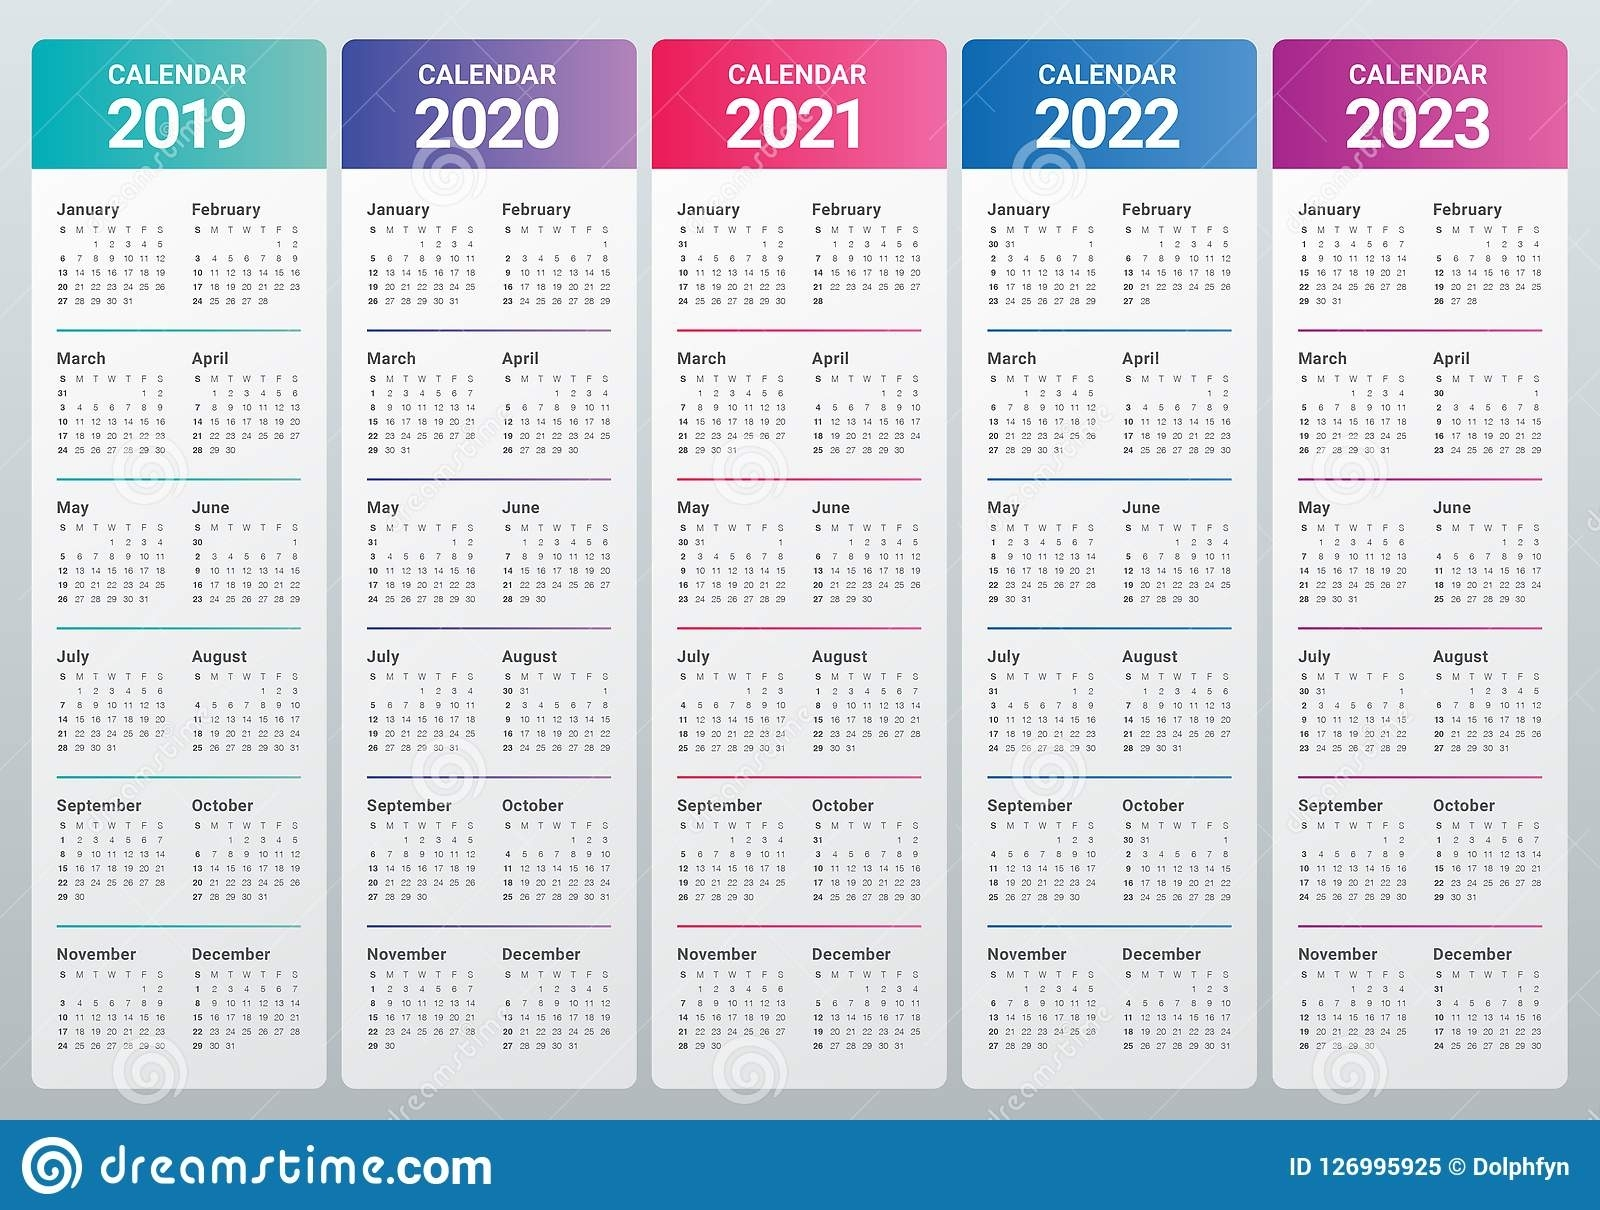 Year 2019 2020 2021 2022 2023 Calendar Vector Design throughout 2019 2020 2021 2022 2023 Year Calendar Printable